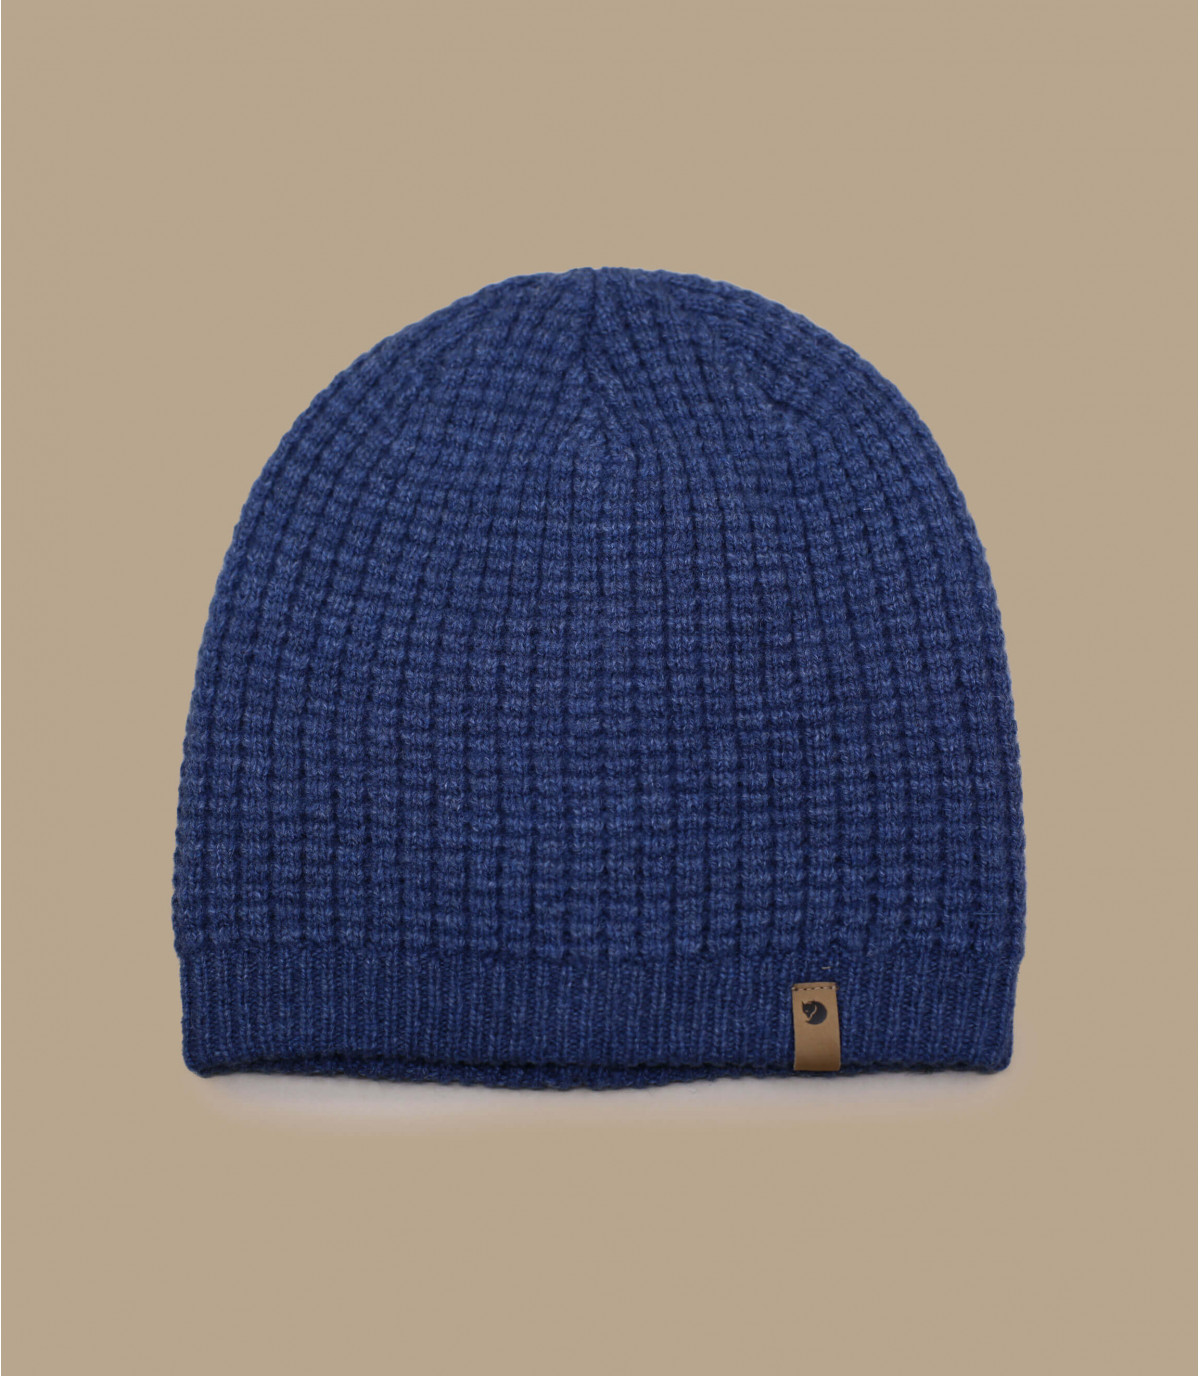 bonnet bleu marine Fjällräven